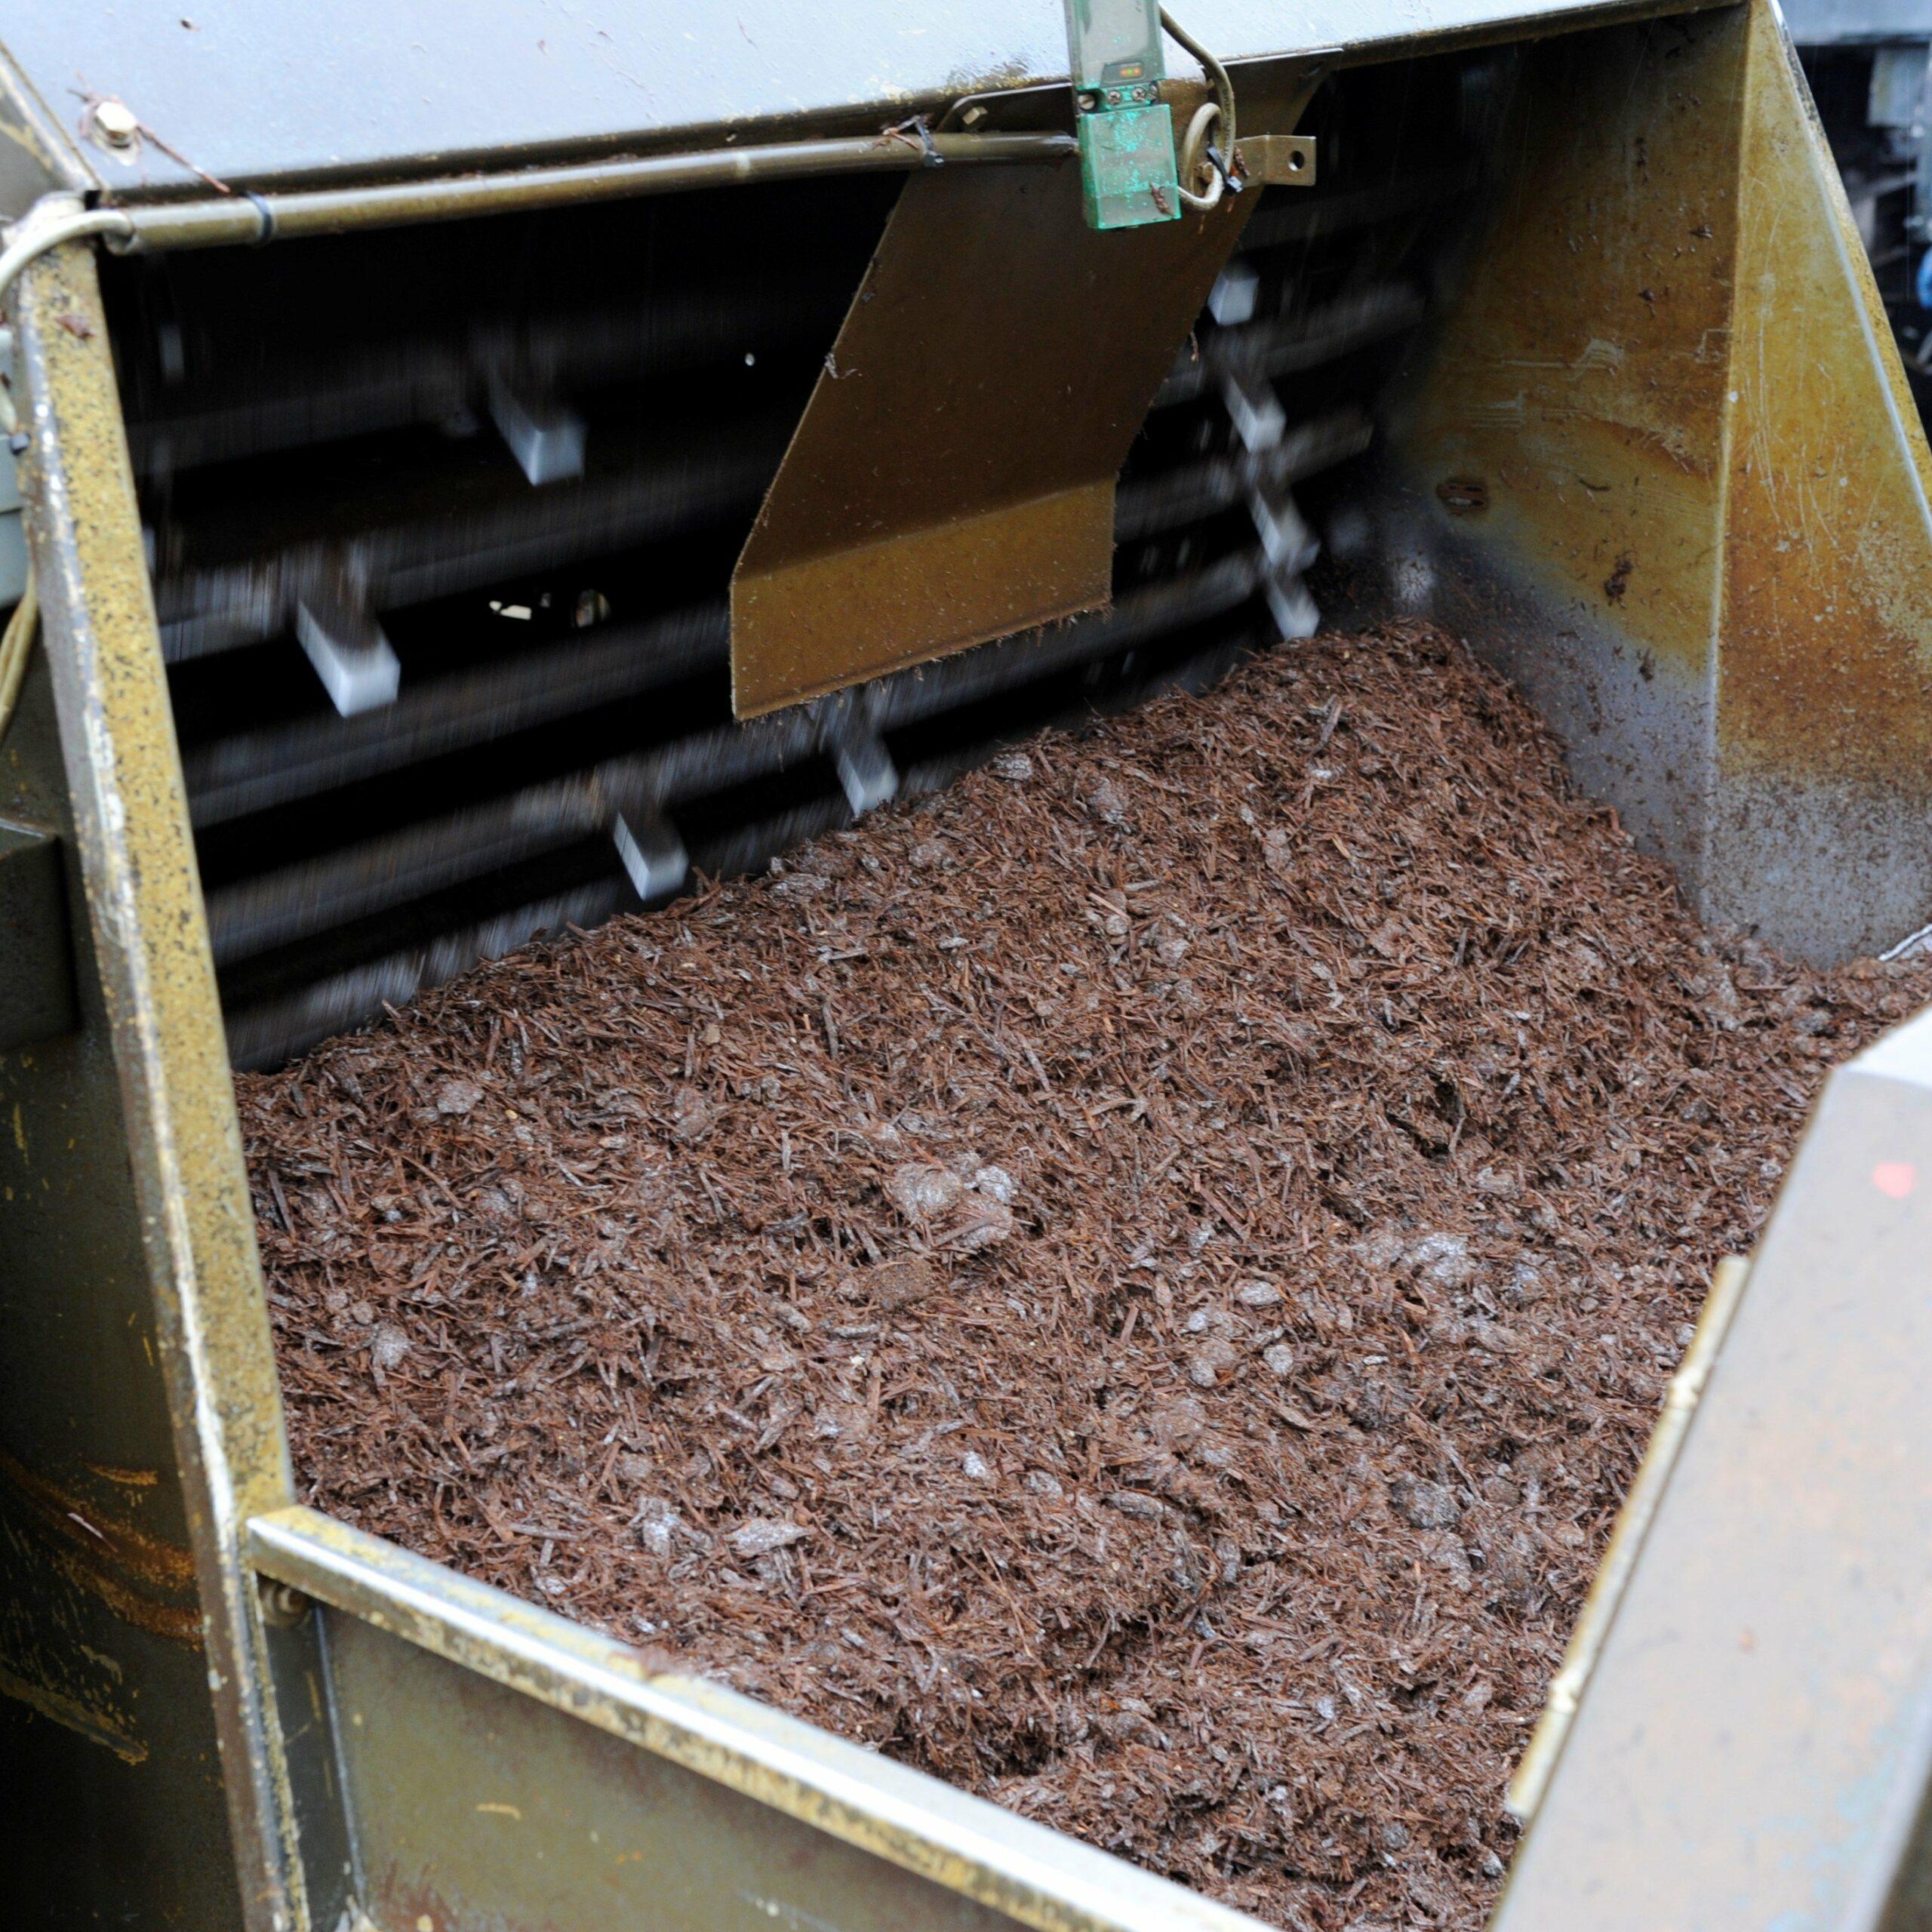 Champignon compost fase 3